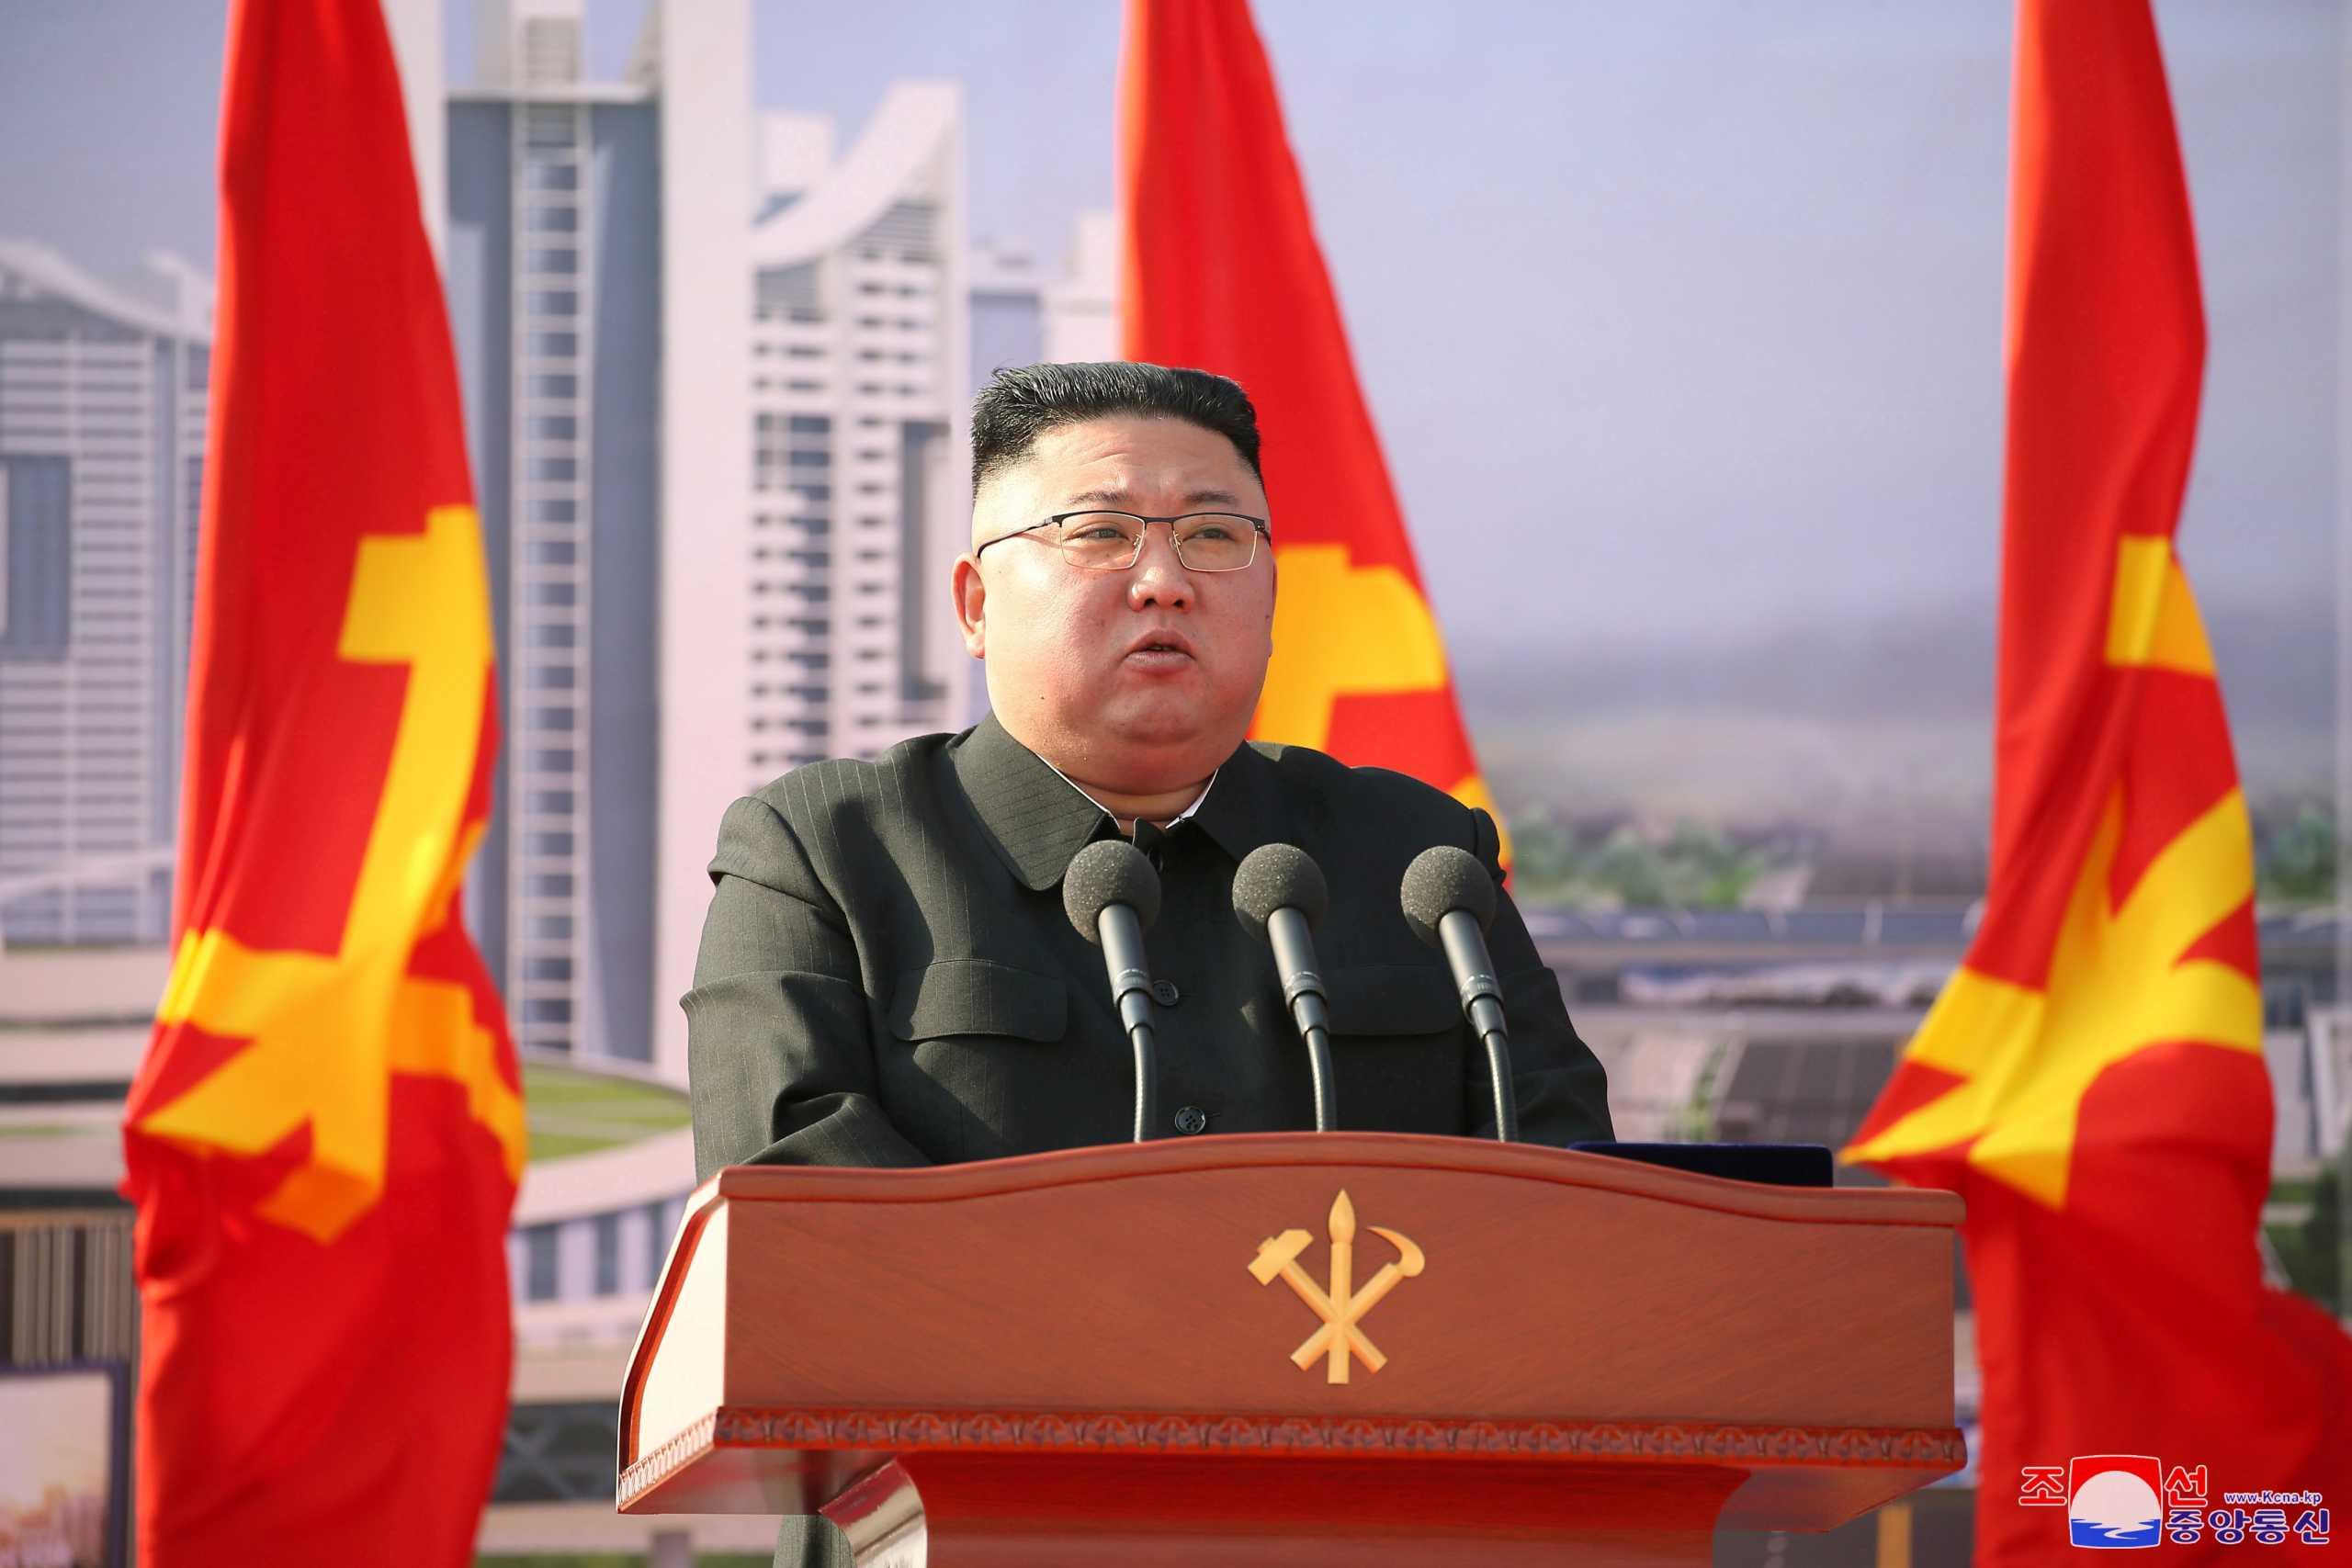 Λευκός Οίκος: Ο πρόεδρος Μπάιντεν δεν προτίθεται να συναντηθεί με τον Κιμ Γιονγκ Ουν